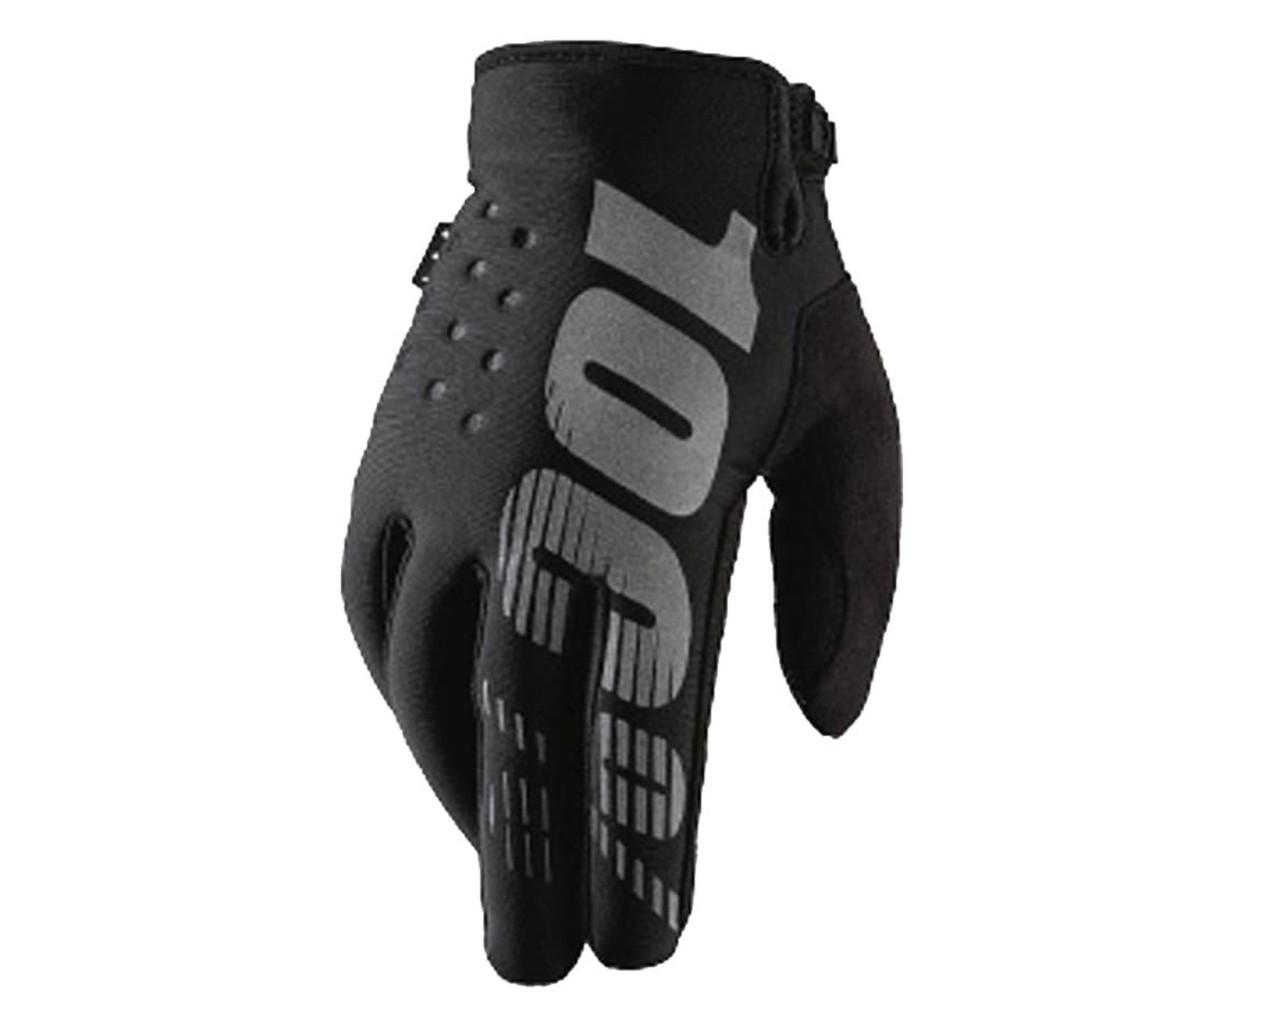 100% Brisker Schlechtwetter Kinder Handschuhe | black-grey